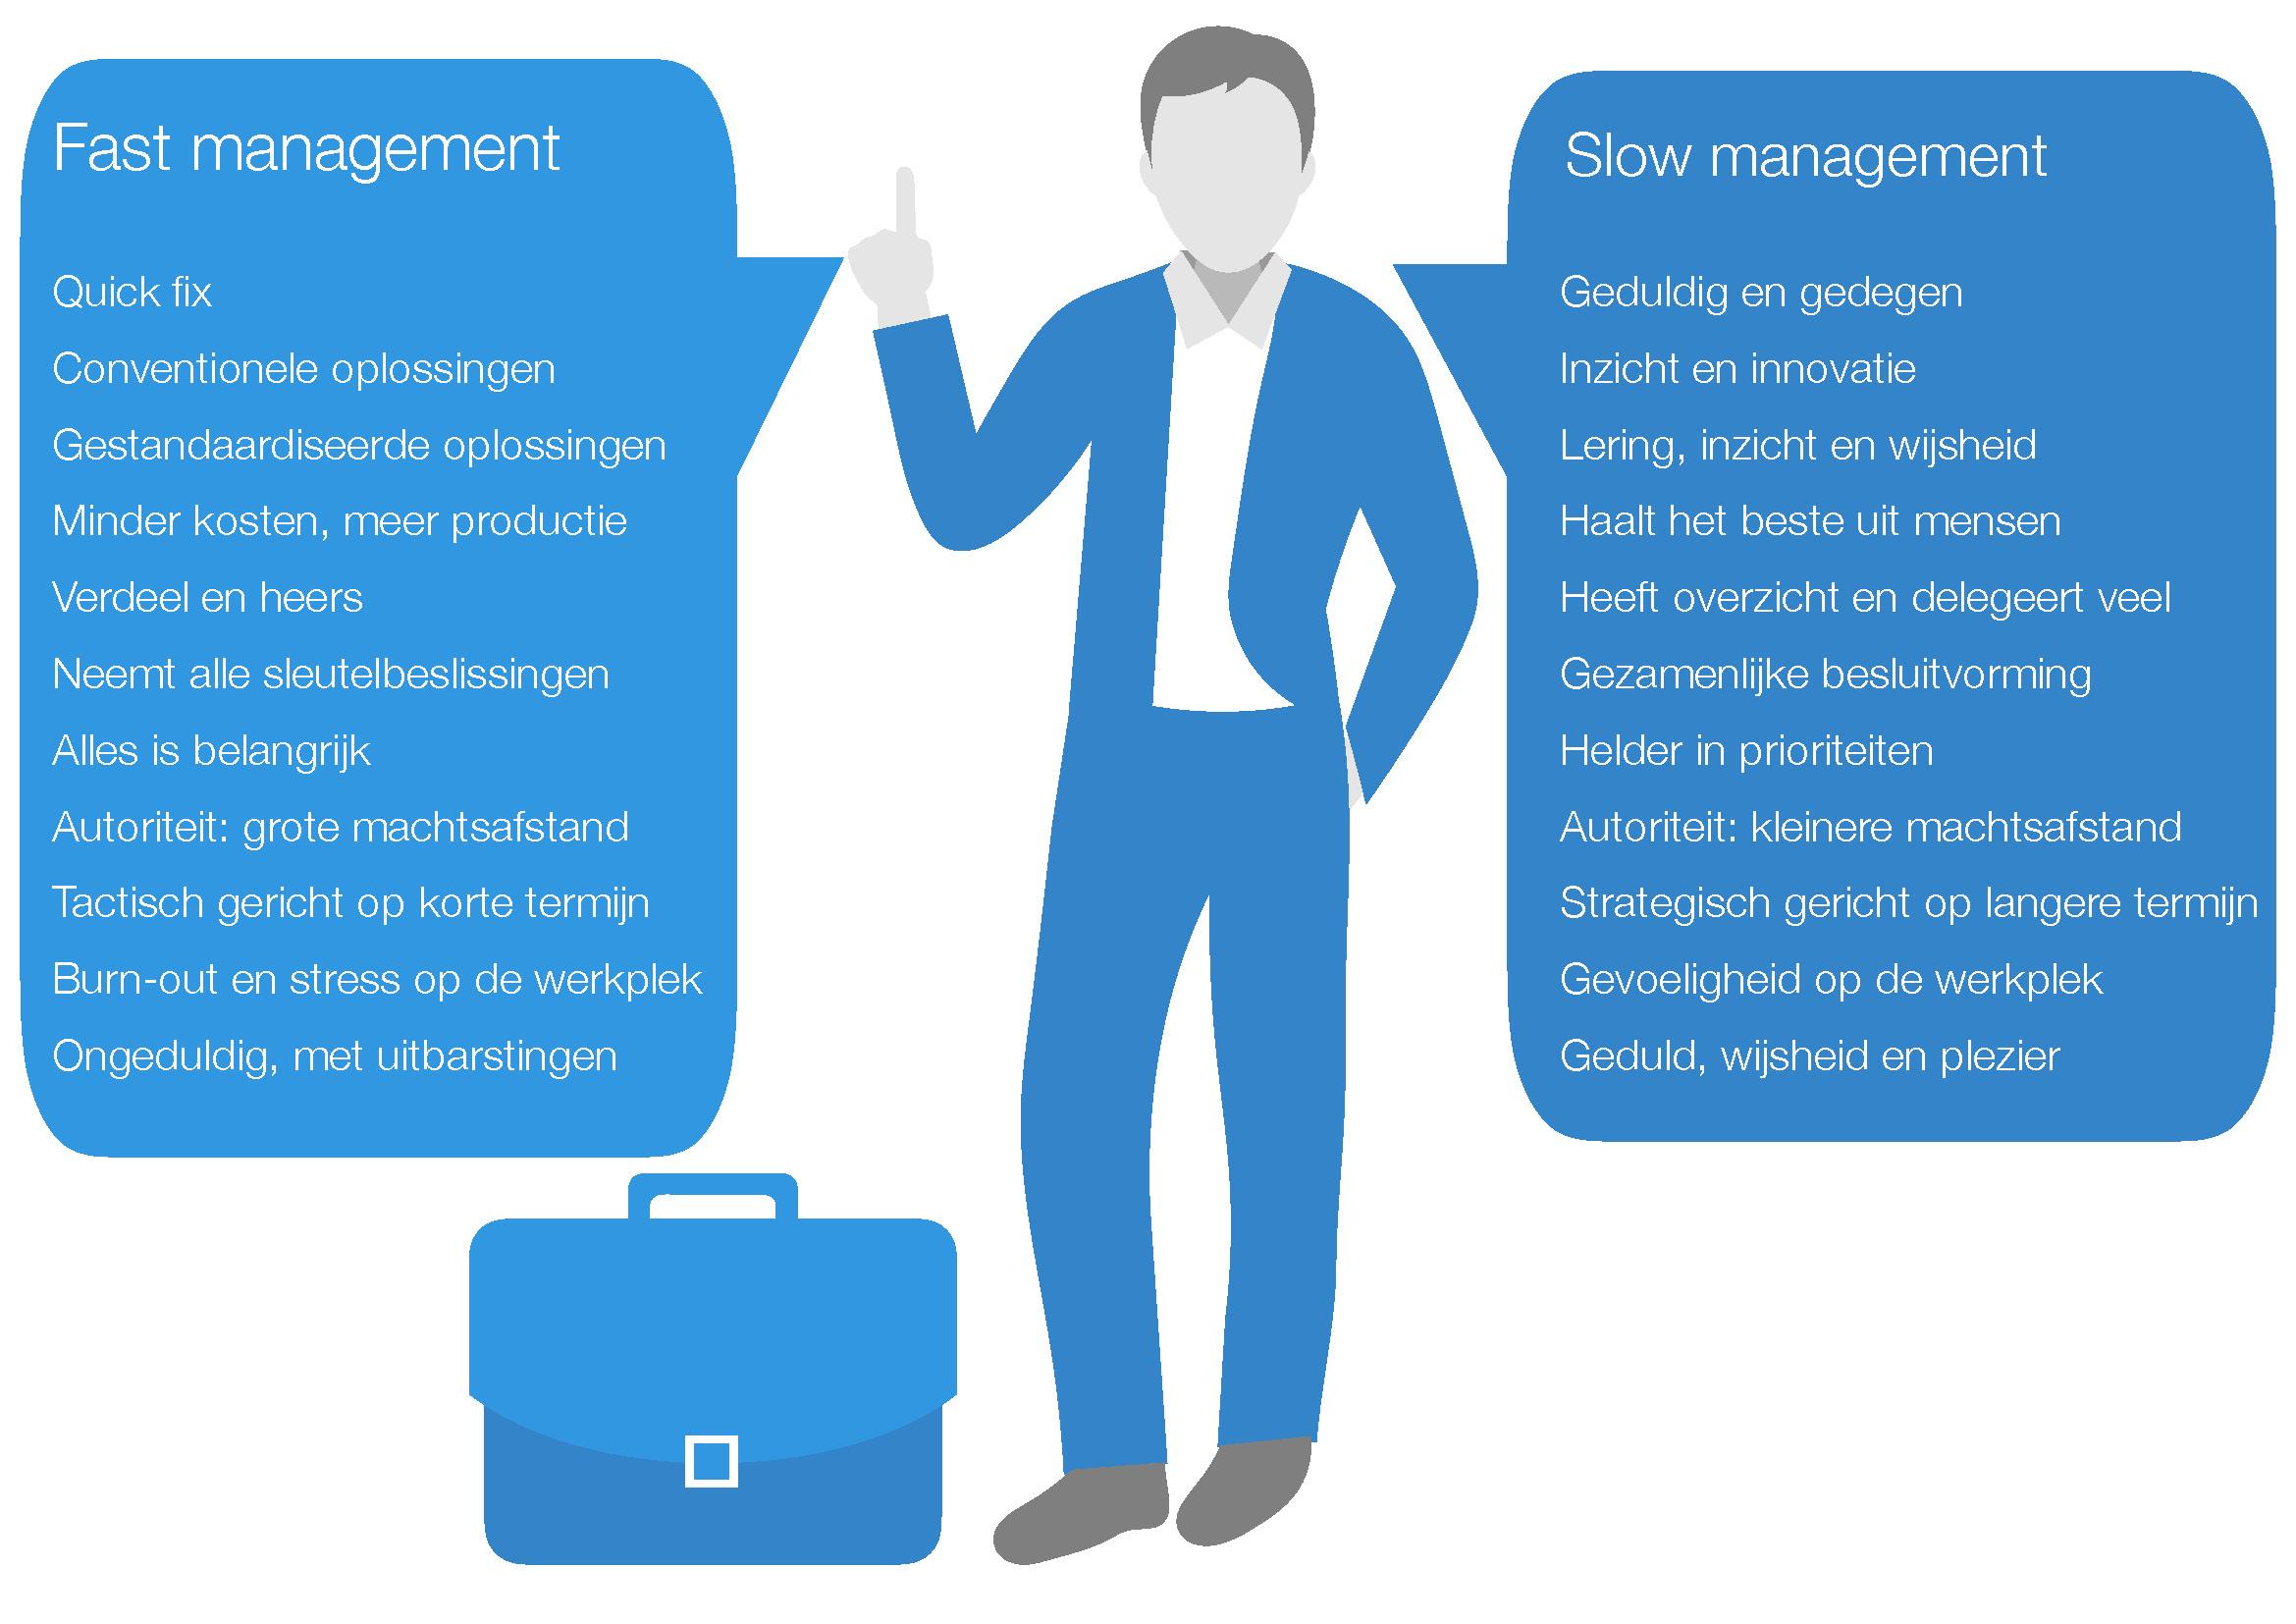 De kenmerken van slow management en fast management op een rij